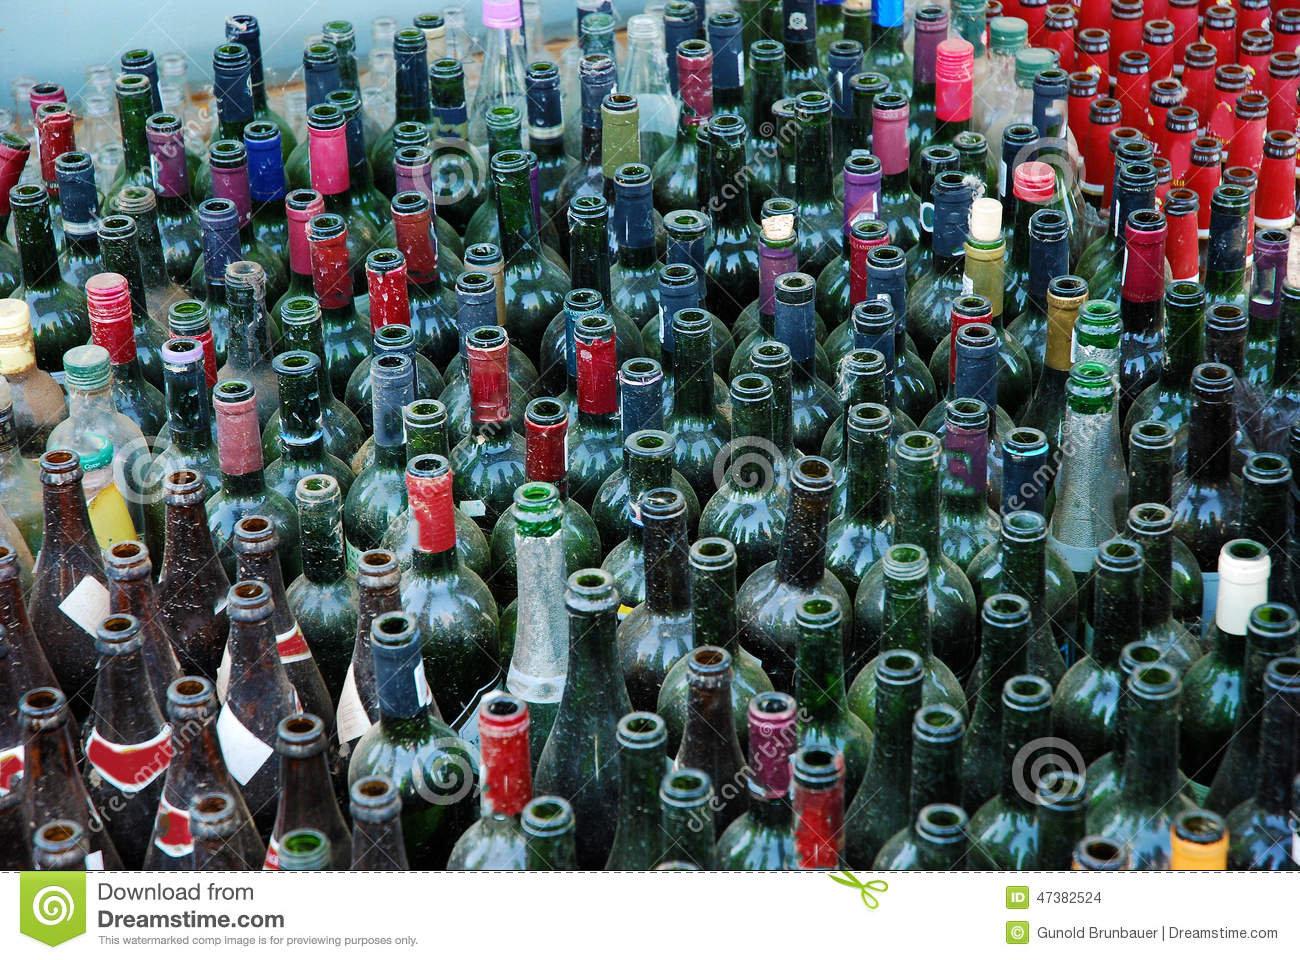 bouteilles-vides-47382524